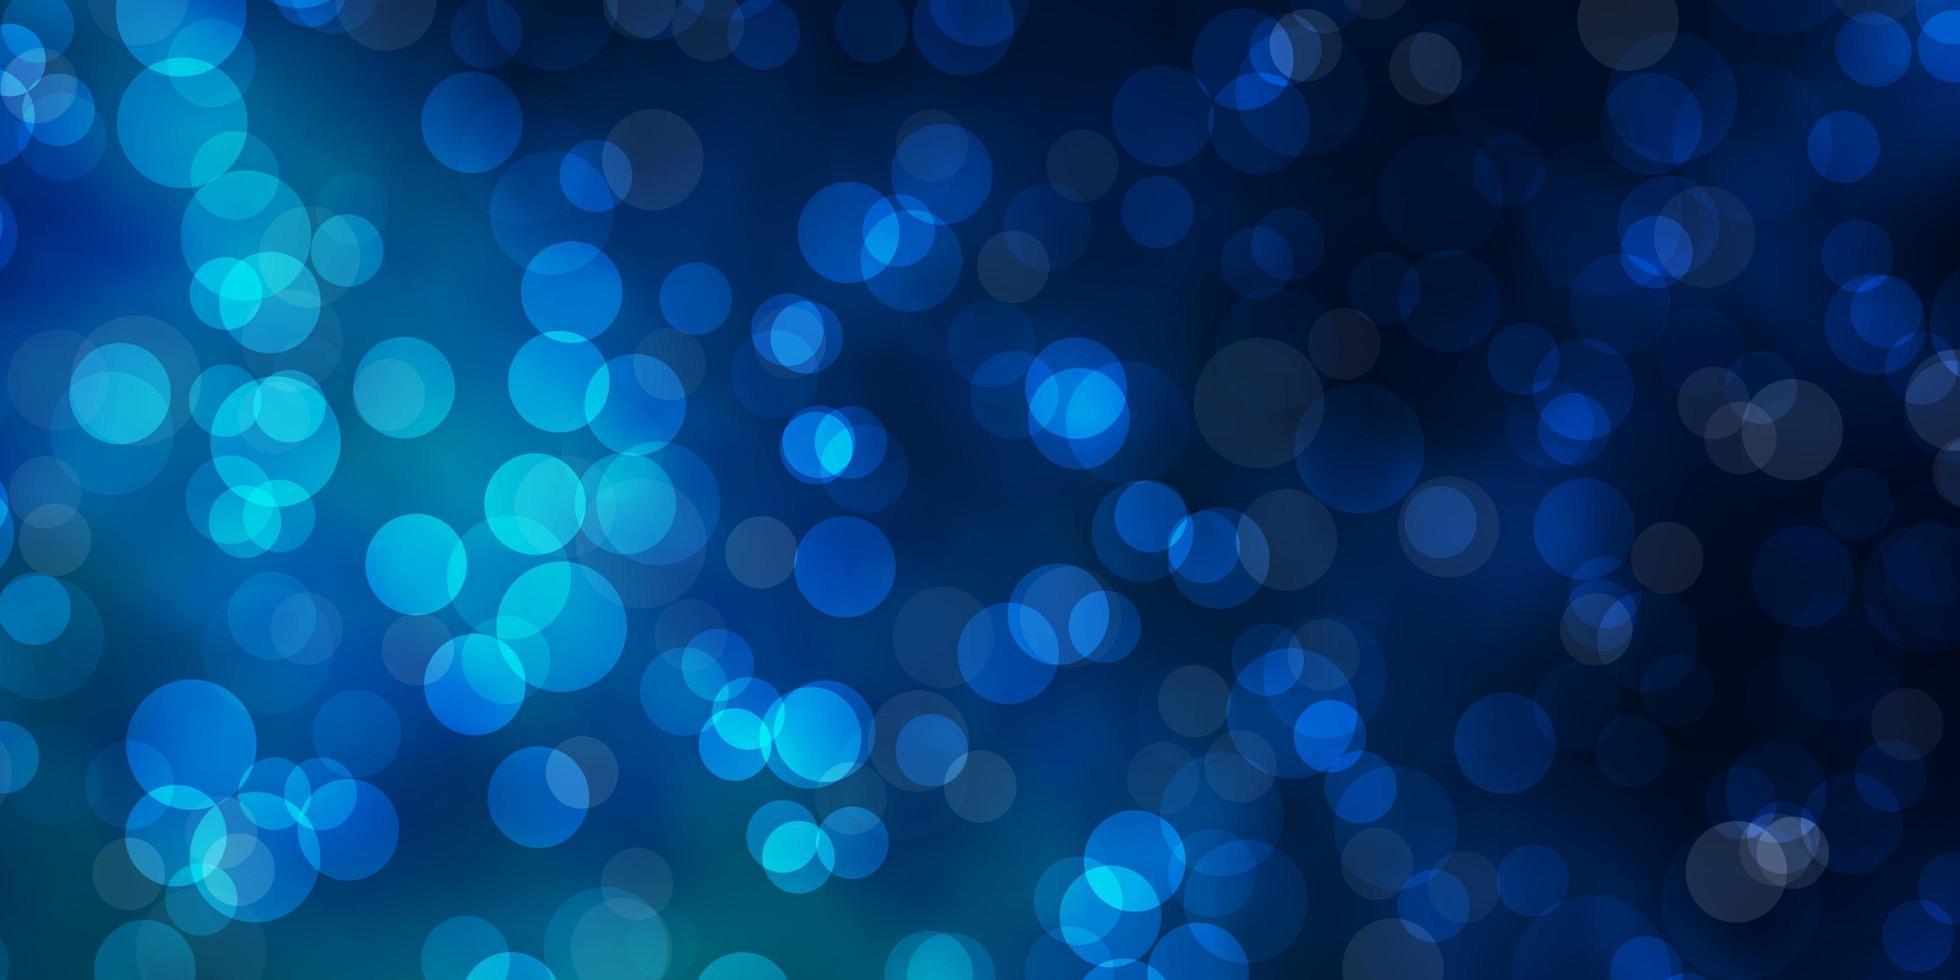 modello blu scuro con sfere. vettore